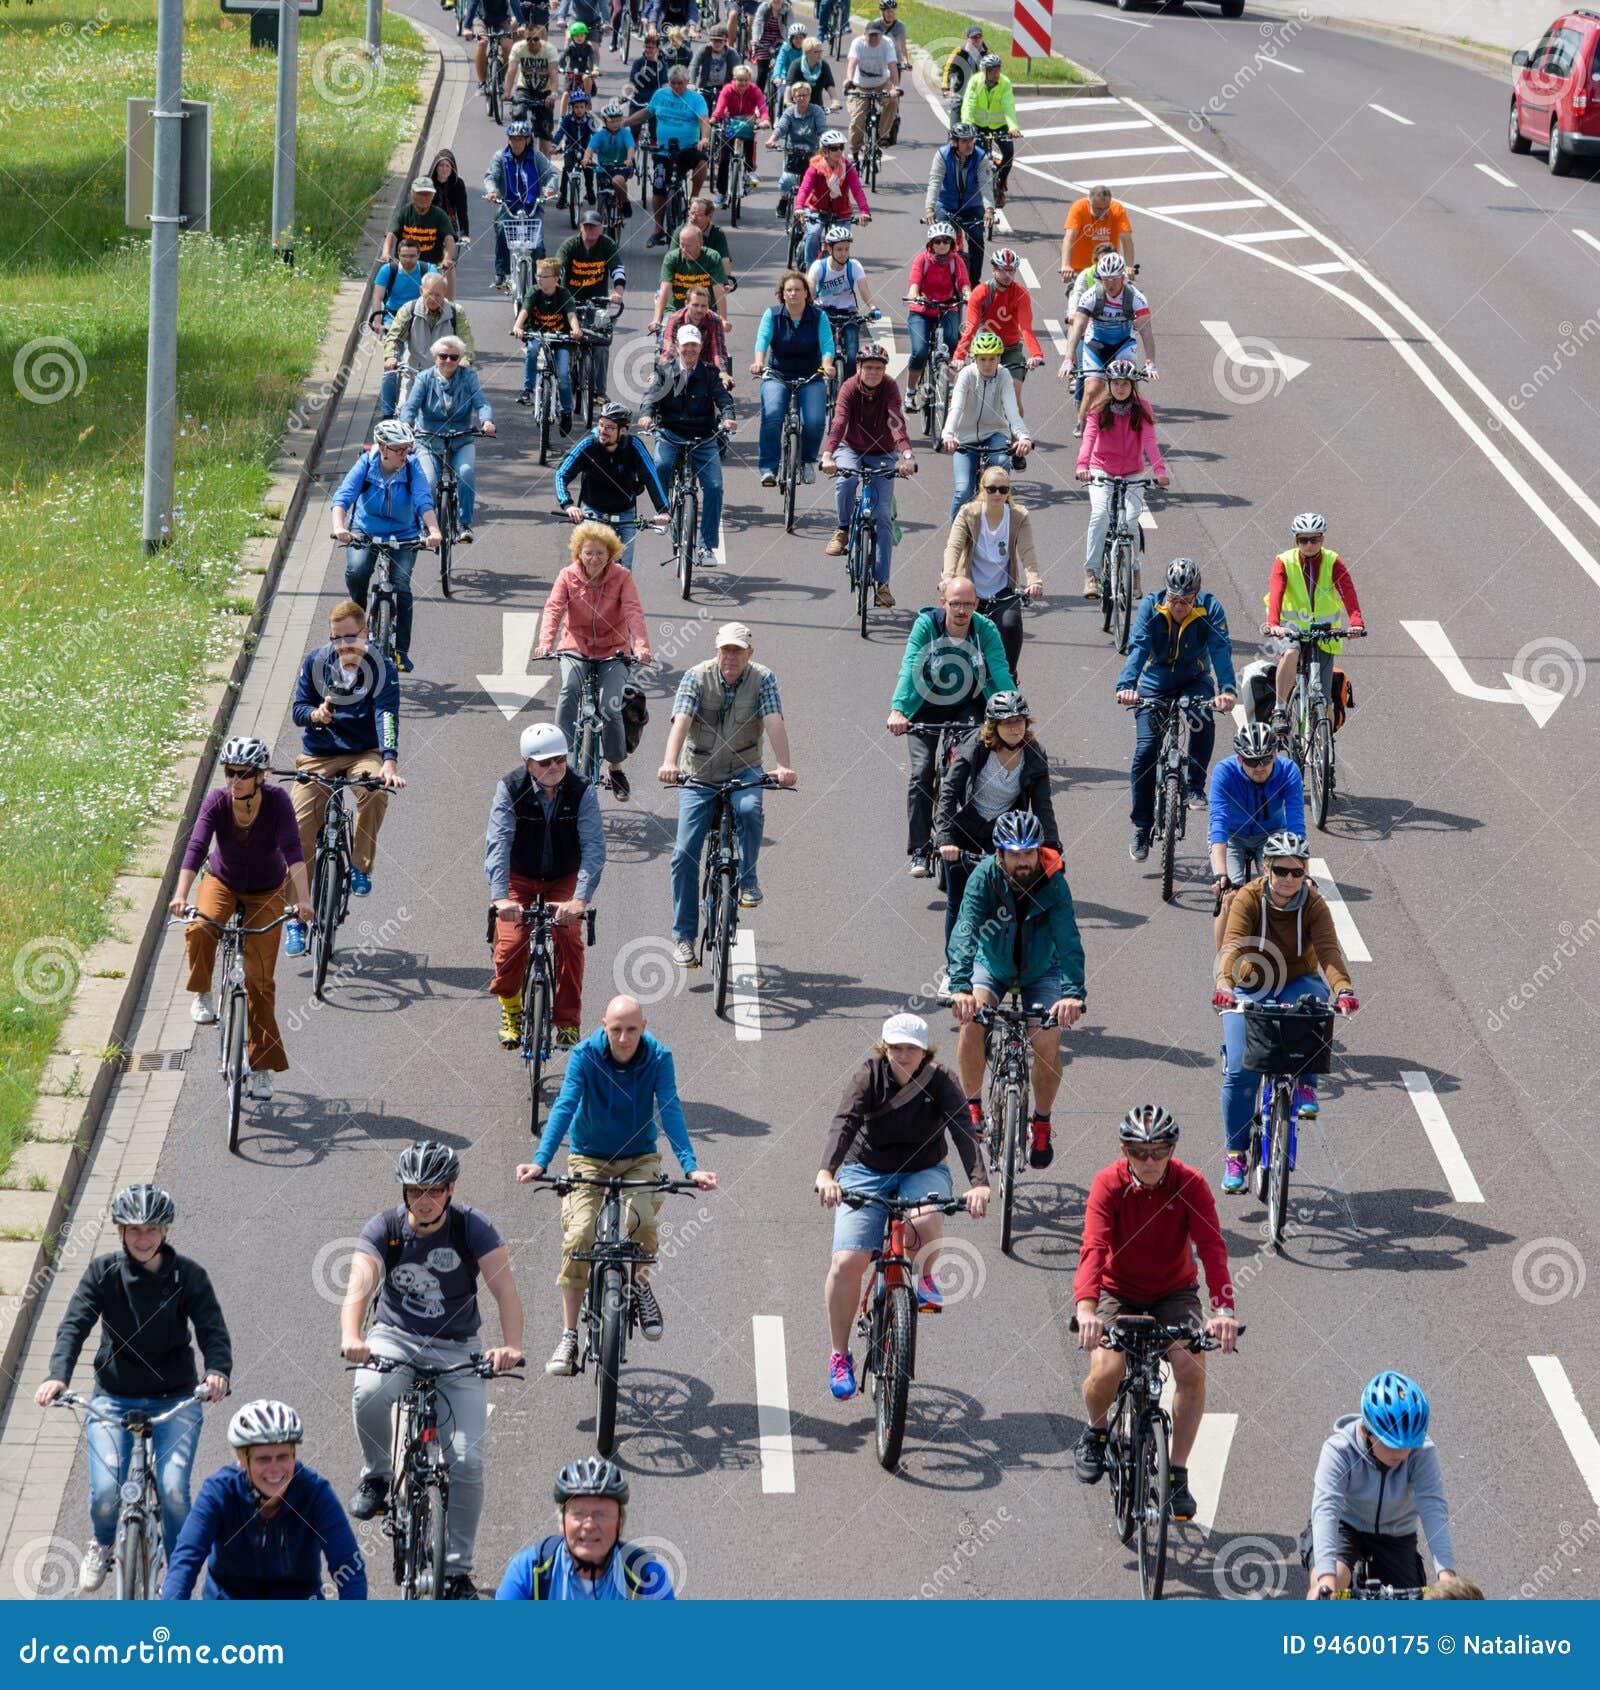 Велосипедисты проходят парадом в Магдебурге, Германии am 17 06 2017 Много людей различных времен едут велосипеды в центре города